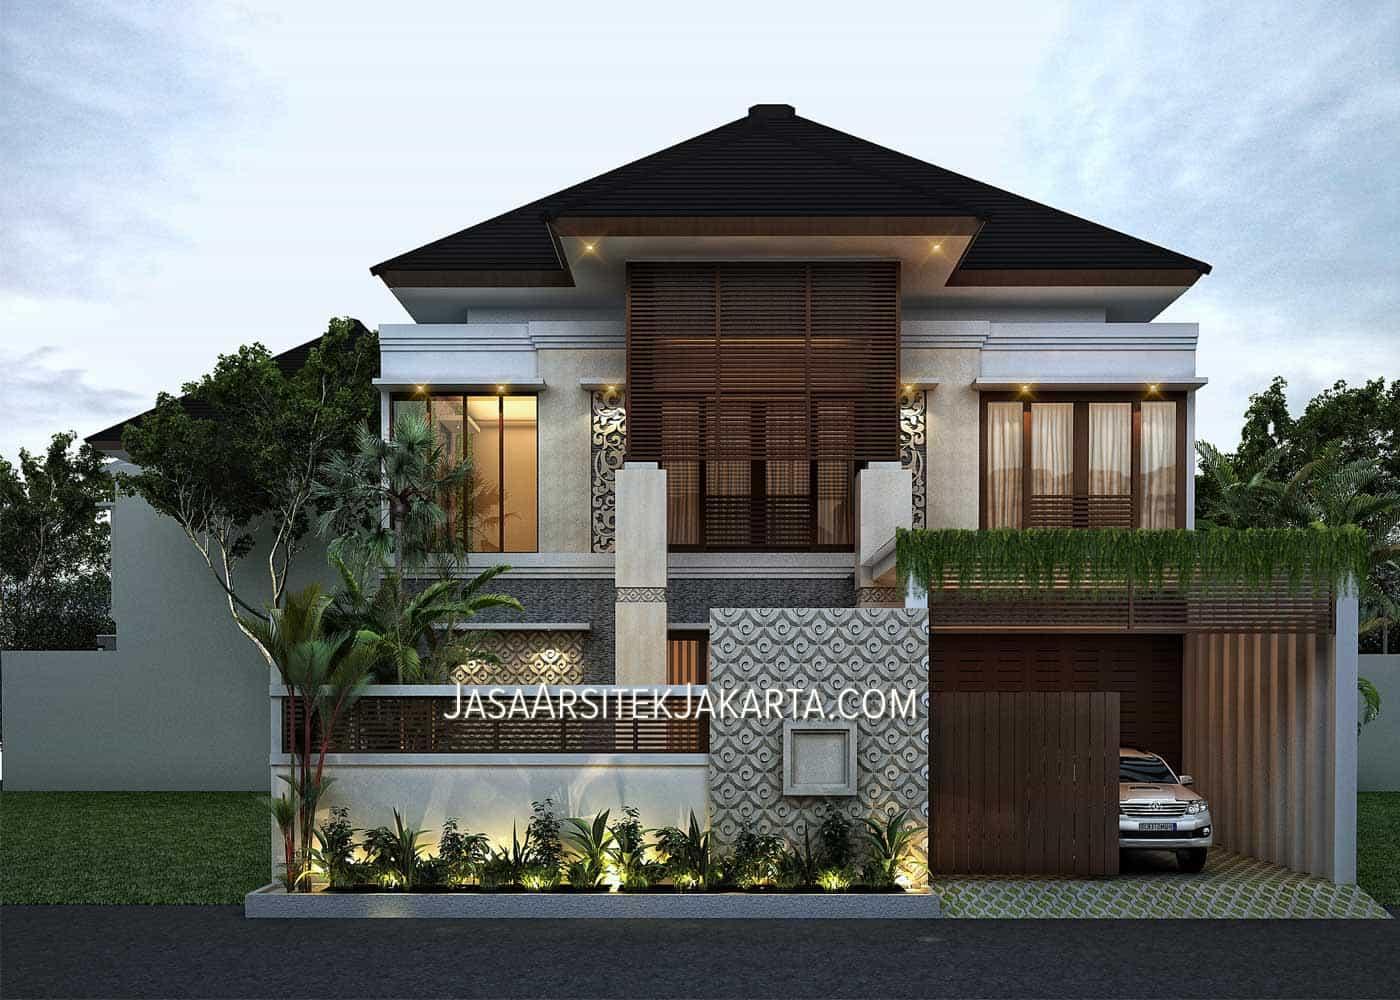 Desain Rumah Mewah Klasik 1 Lantai